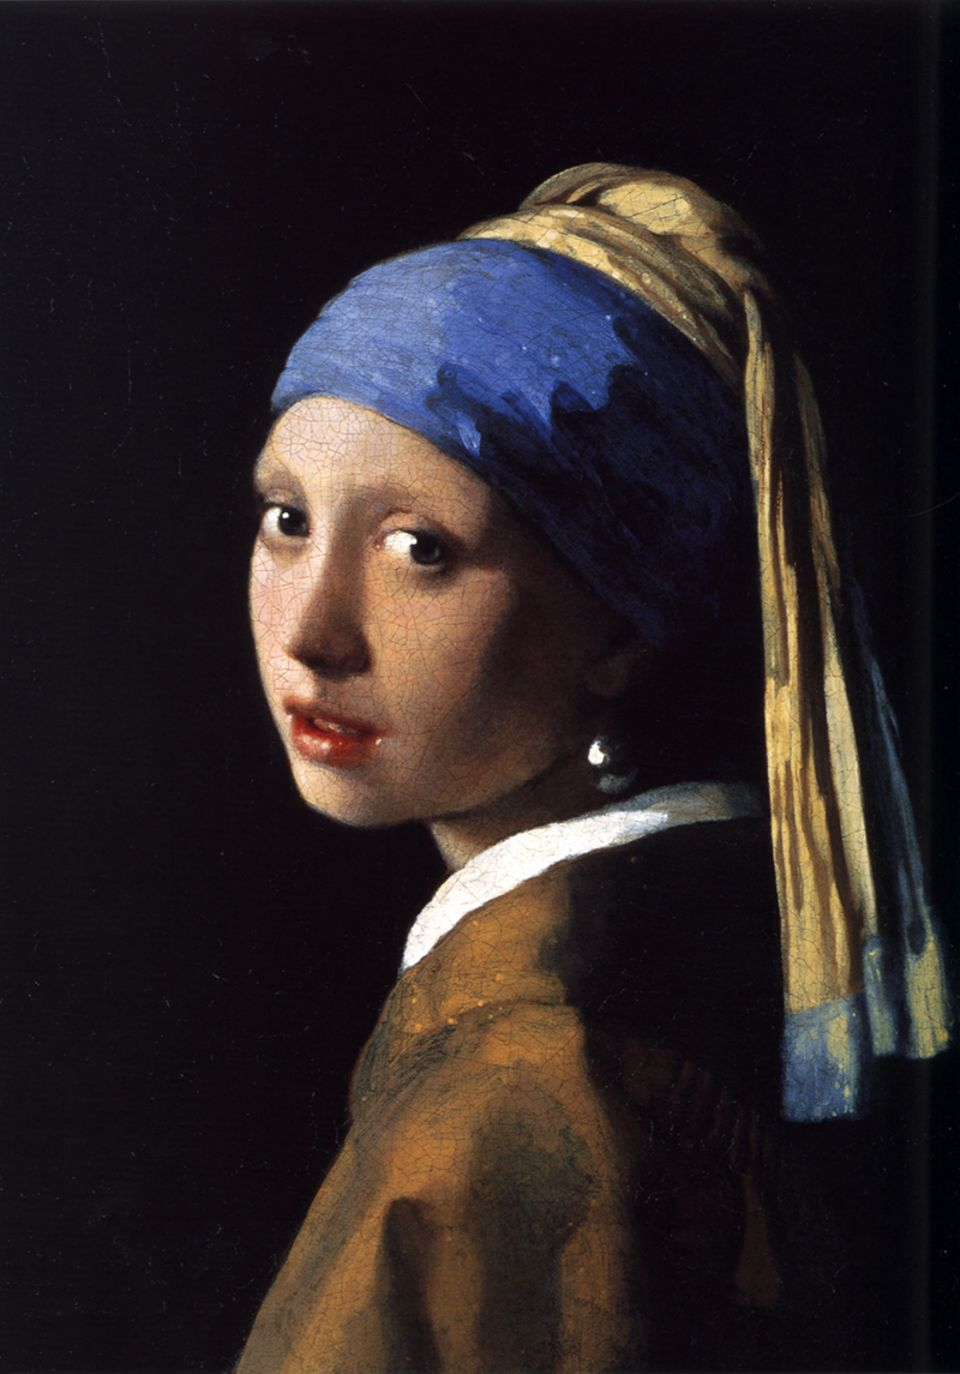 Jan Vermeer - Das Mädchen mit dem Perlenohring